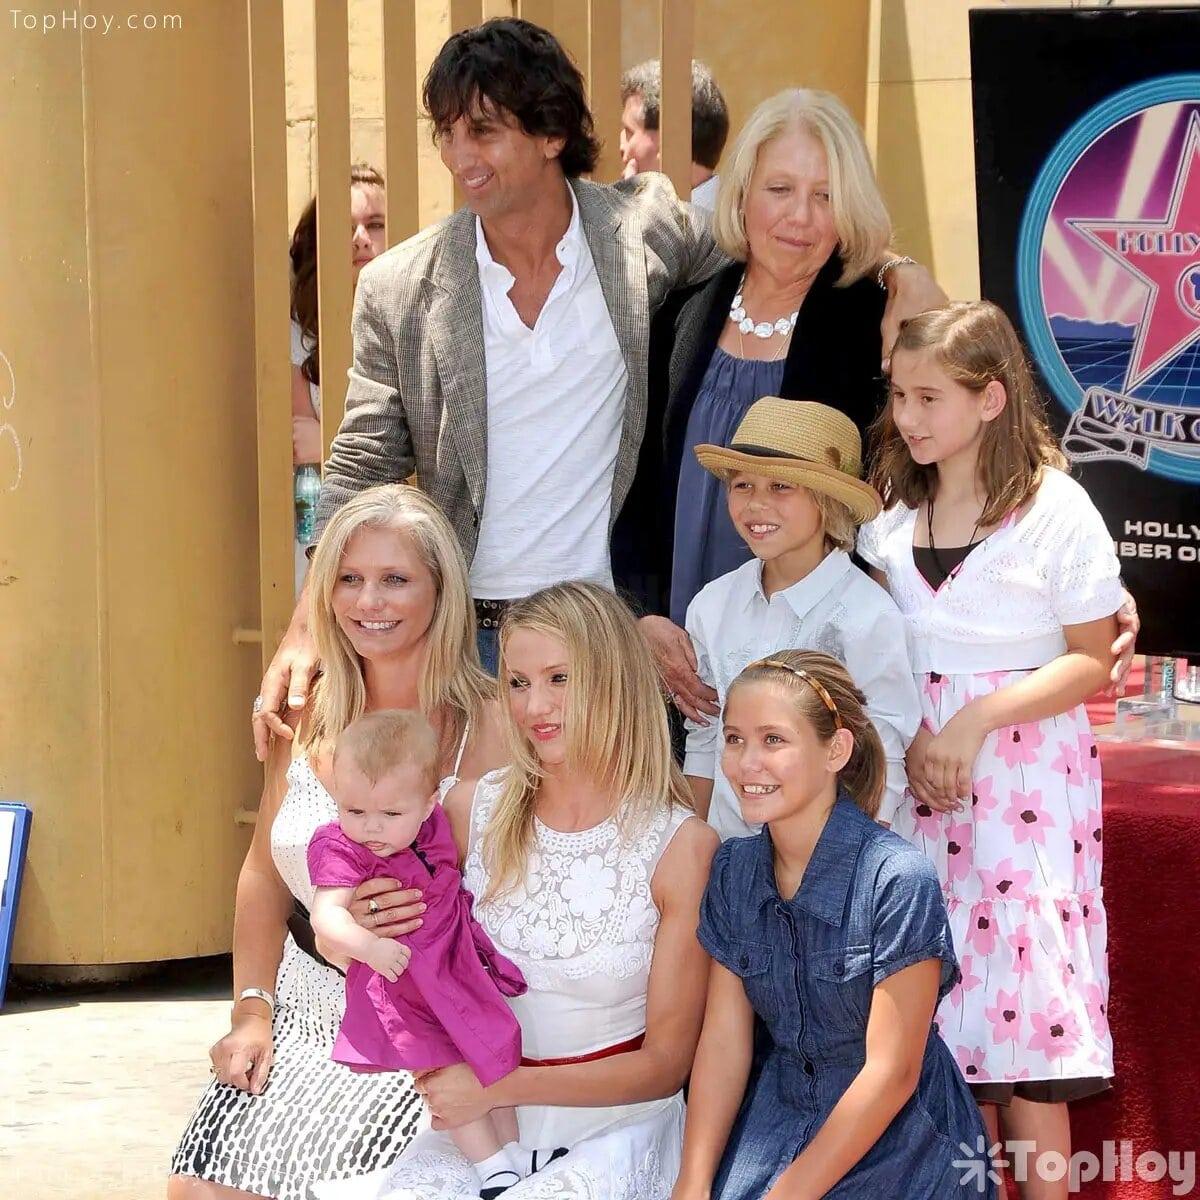 La familia de Cameron Diaz tiene raíces inglesas, alemanas, cubanas y norteamericanas.